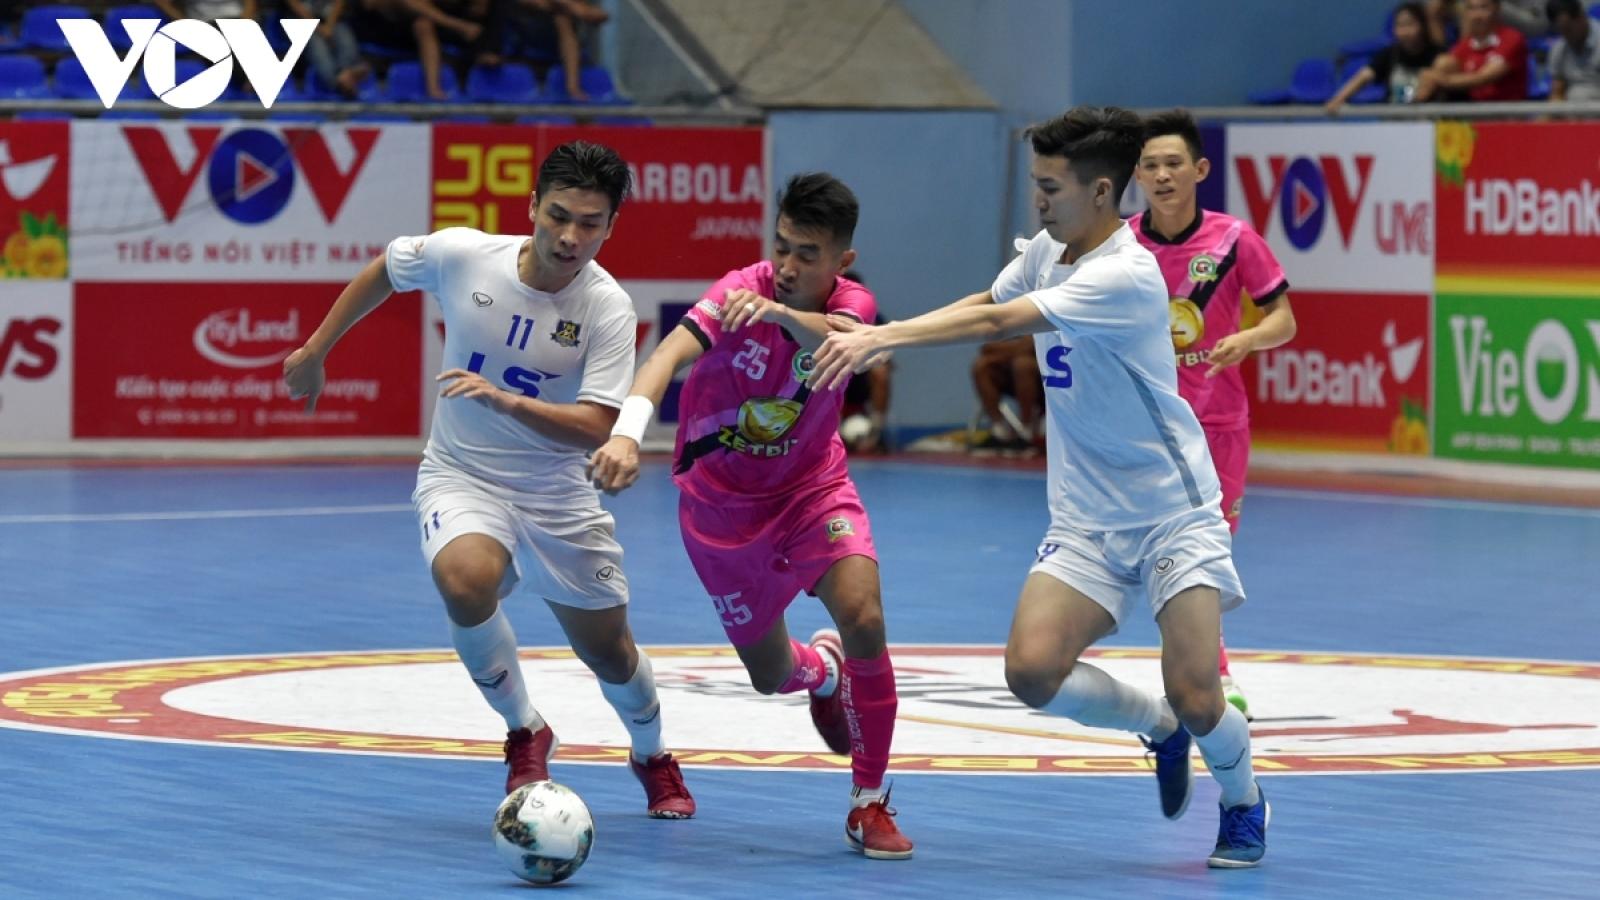 Xem trực tiếp Futsal HDBank VĐQG 2021: Zetbit Sài Gòn - Thái Sơn Nam